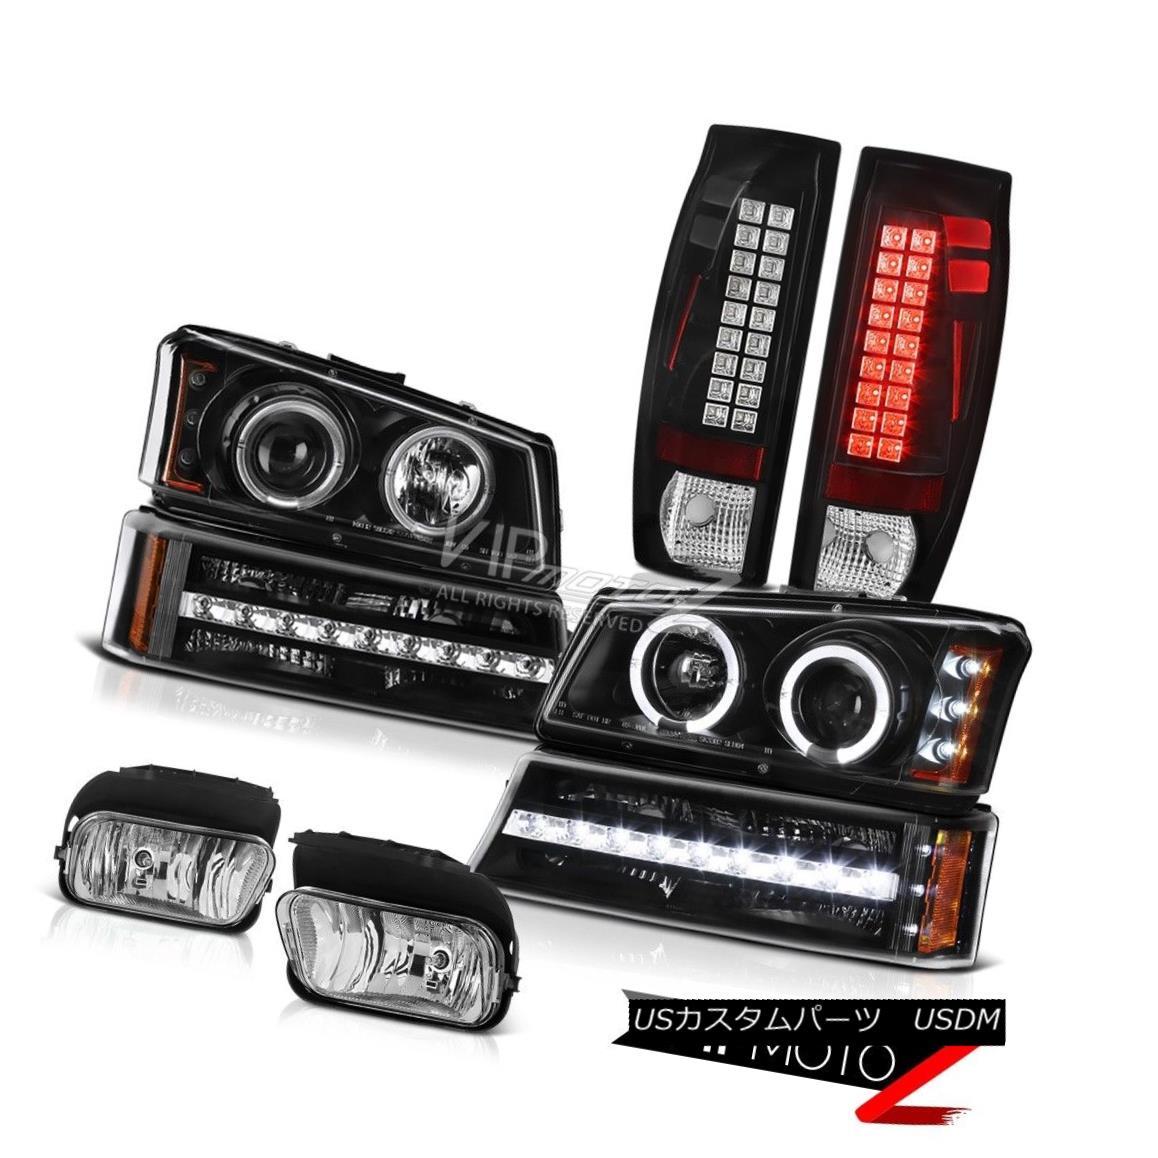 ヘッドライト 03 04 05 06 Chevy Avalanche 2500 Foglamps Tail Lights Parking Light Headlights 03 04 05 06 Chevy Avalanche 2500 Foglampsテールライトパーキングライトヘッドライト